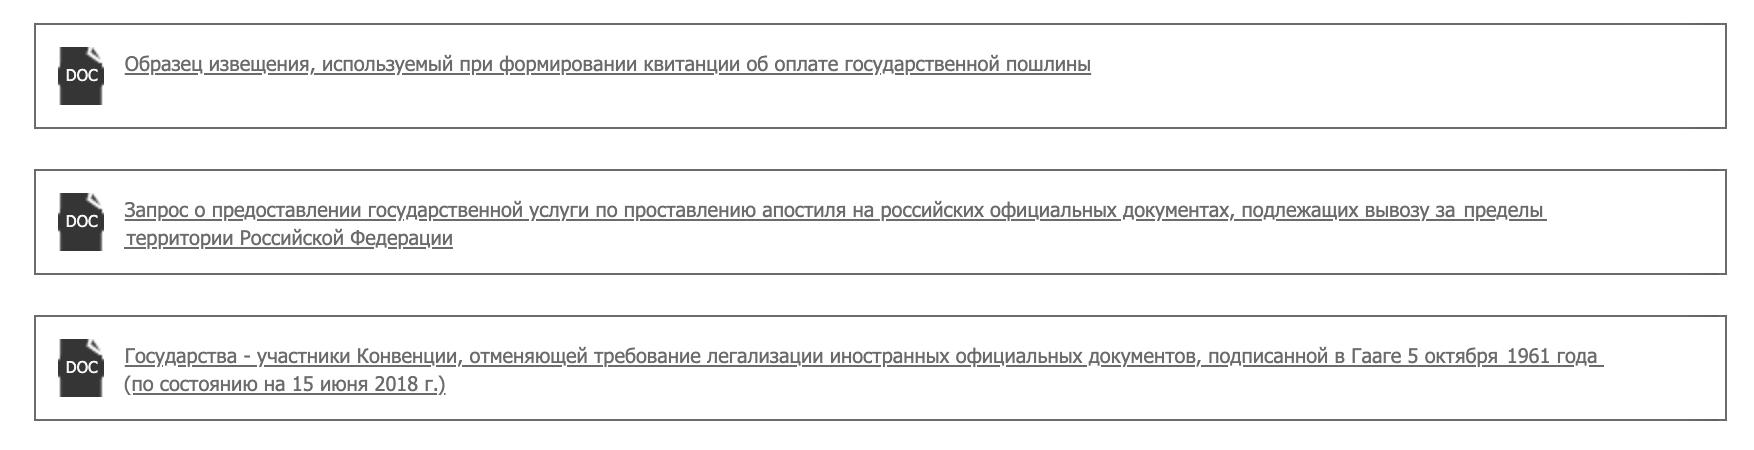 Еще можно скачать список стран-участниц по состоянию на 15 июня 2018года